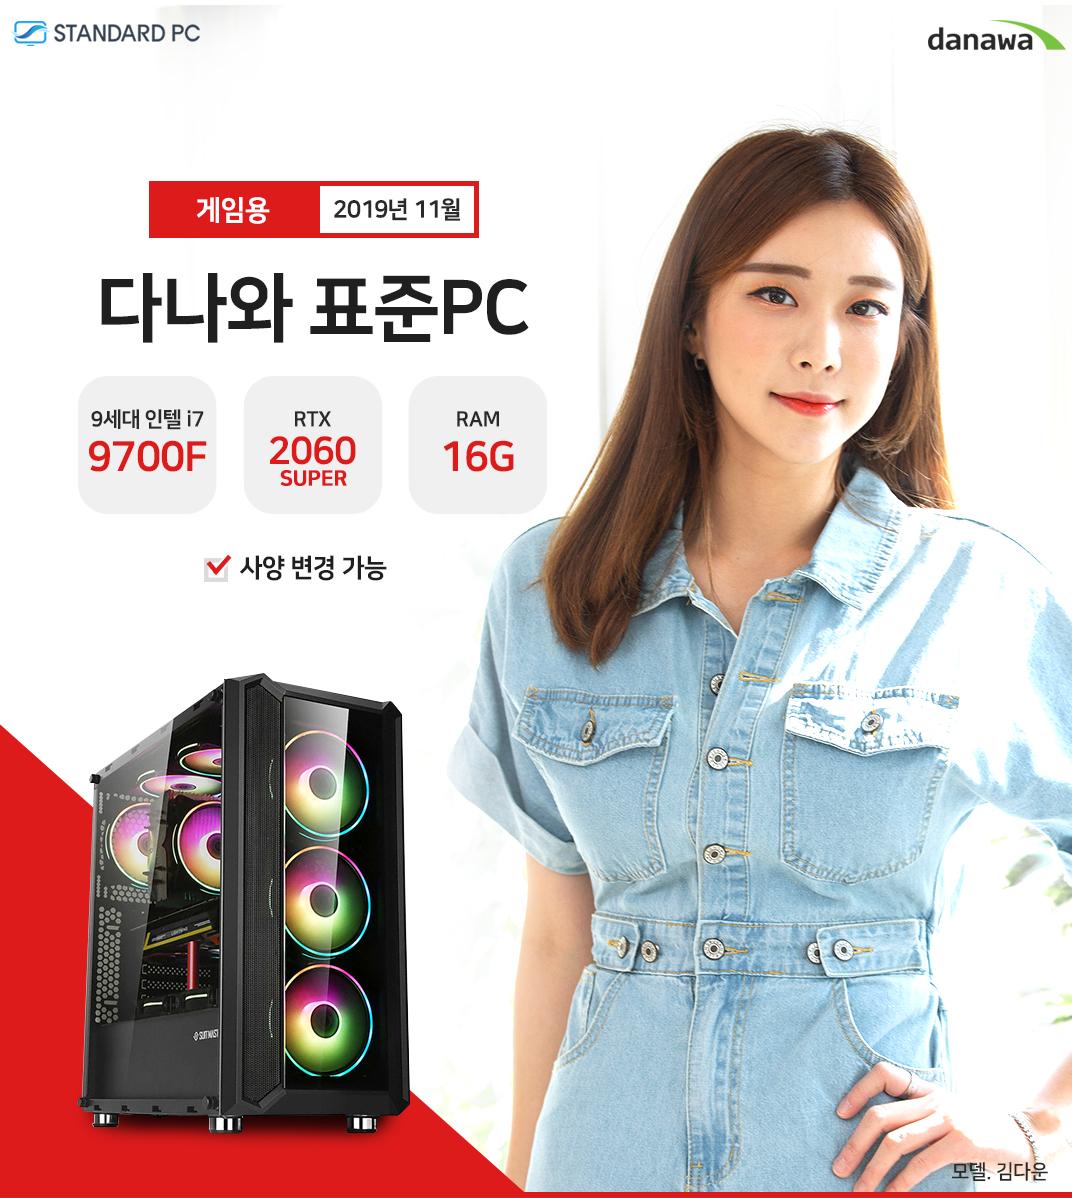 2019년 11월 다나와 표준PC 게이밍용  인텔 코어 i7-9세대 9700K RTX2060 SUPER RAM 16G 모델 문가경